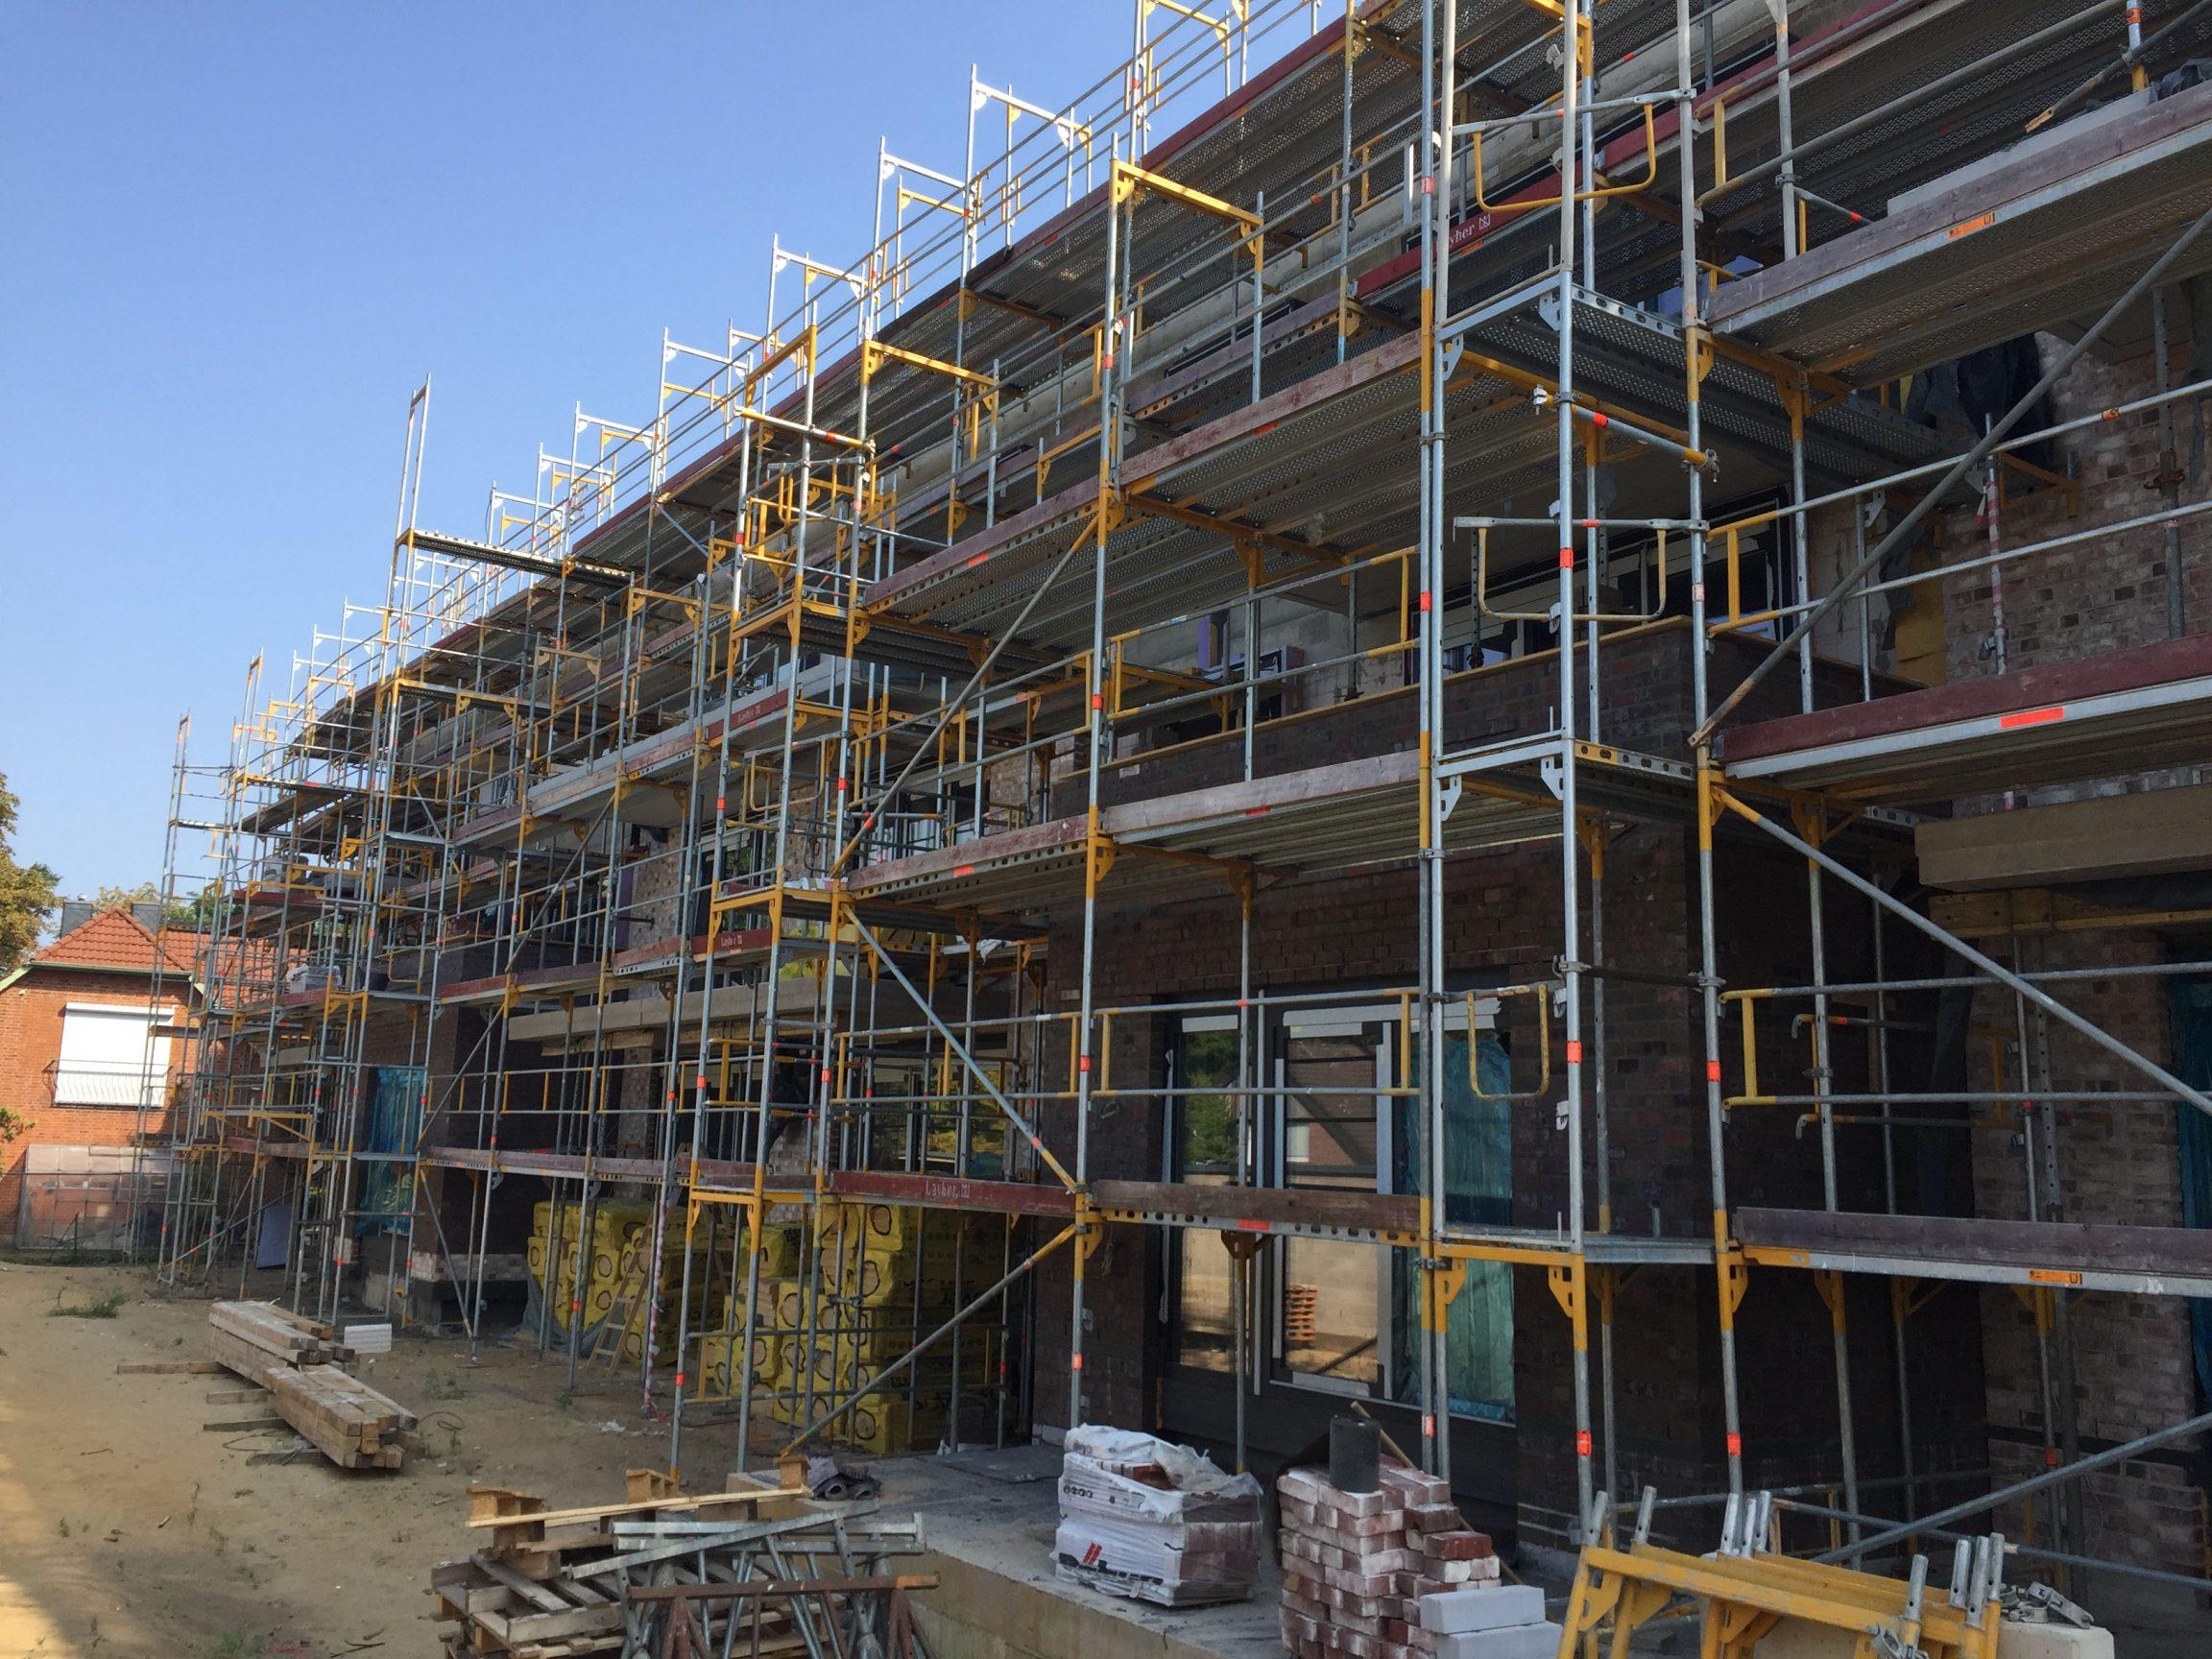 Neubau Wohngebäude Rohbaufertigstellung Hamburg